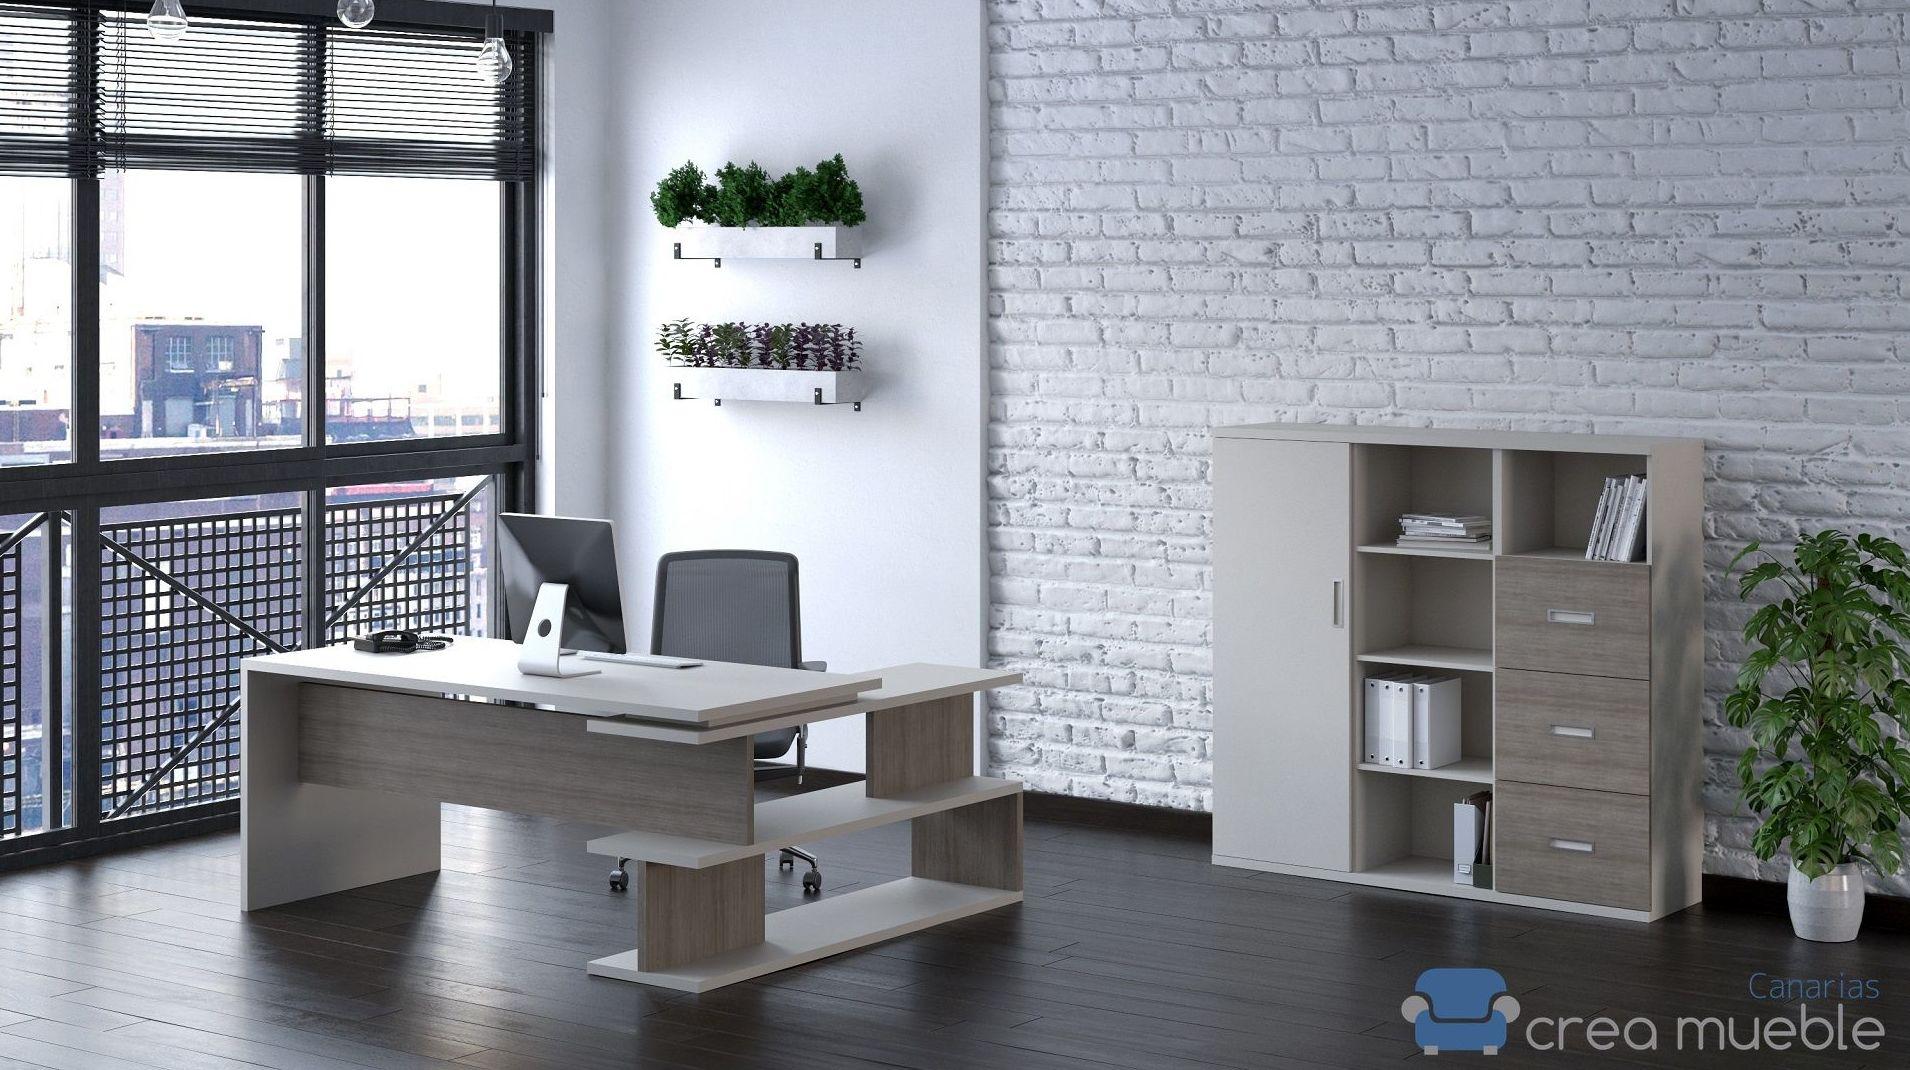 Oficina 202: Productos de Crea Mueble